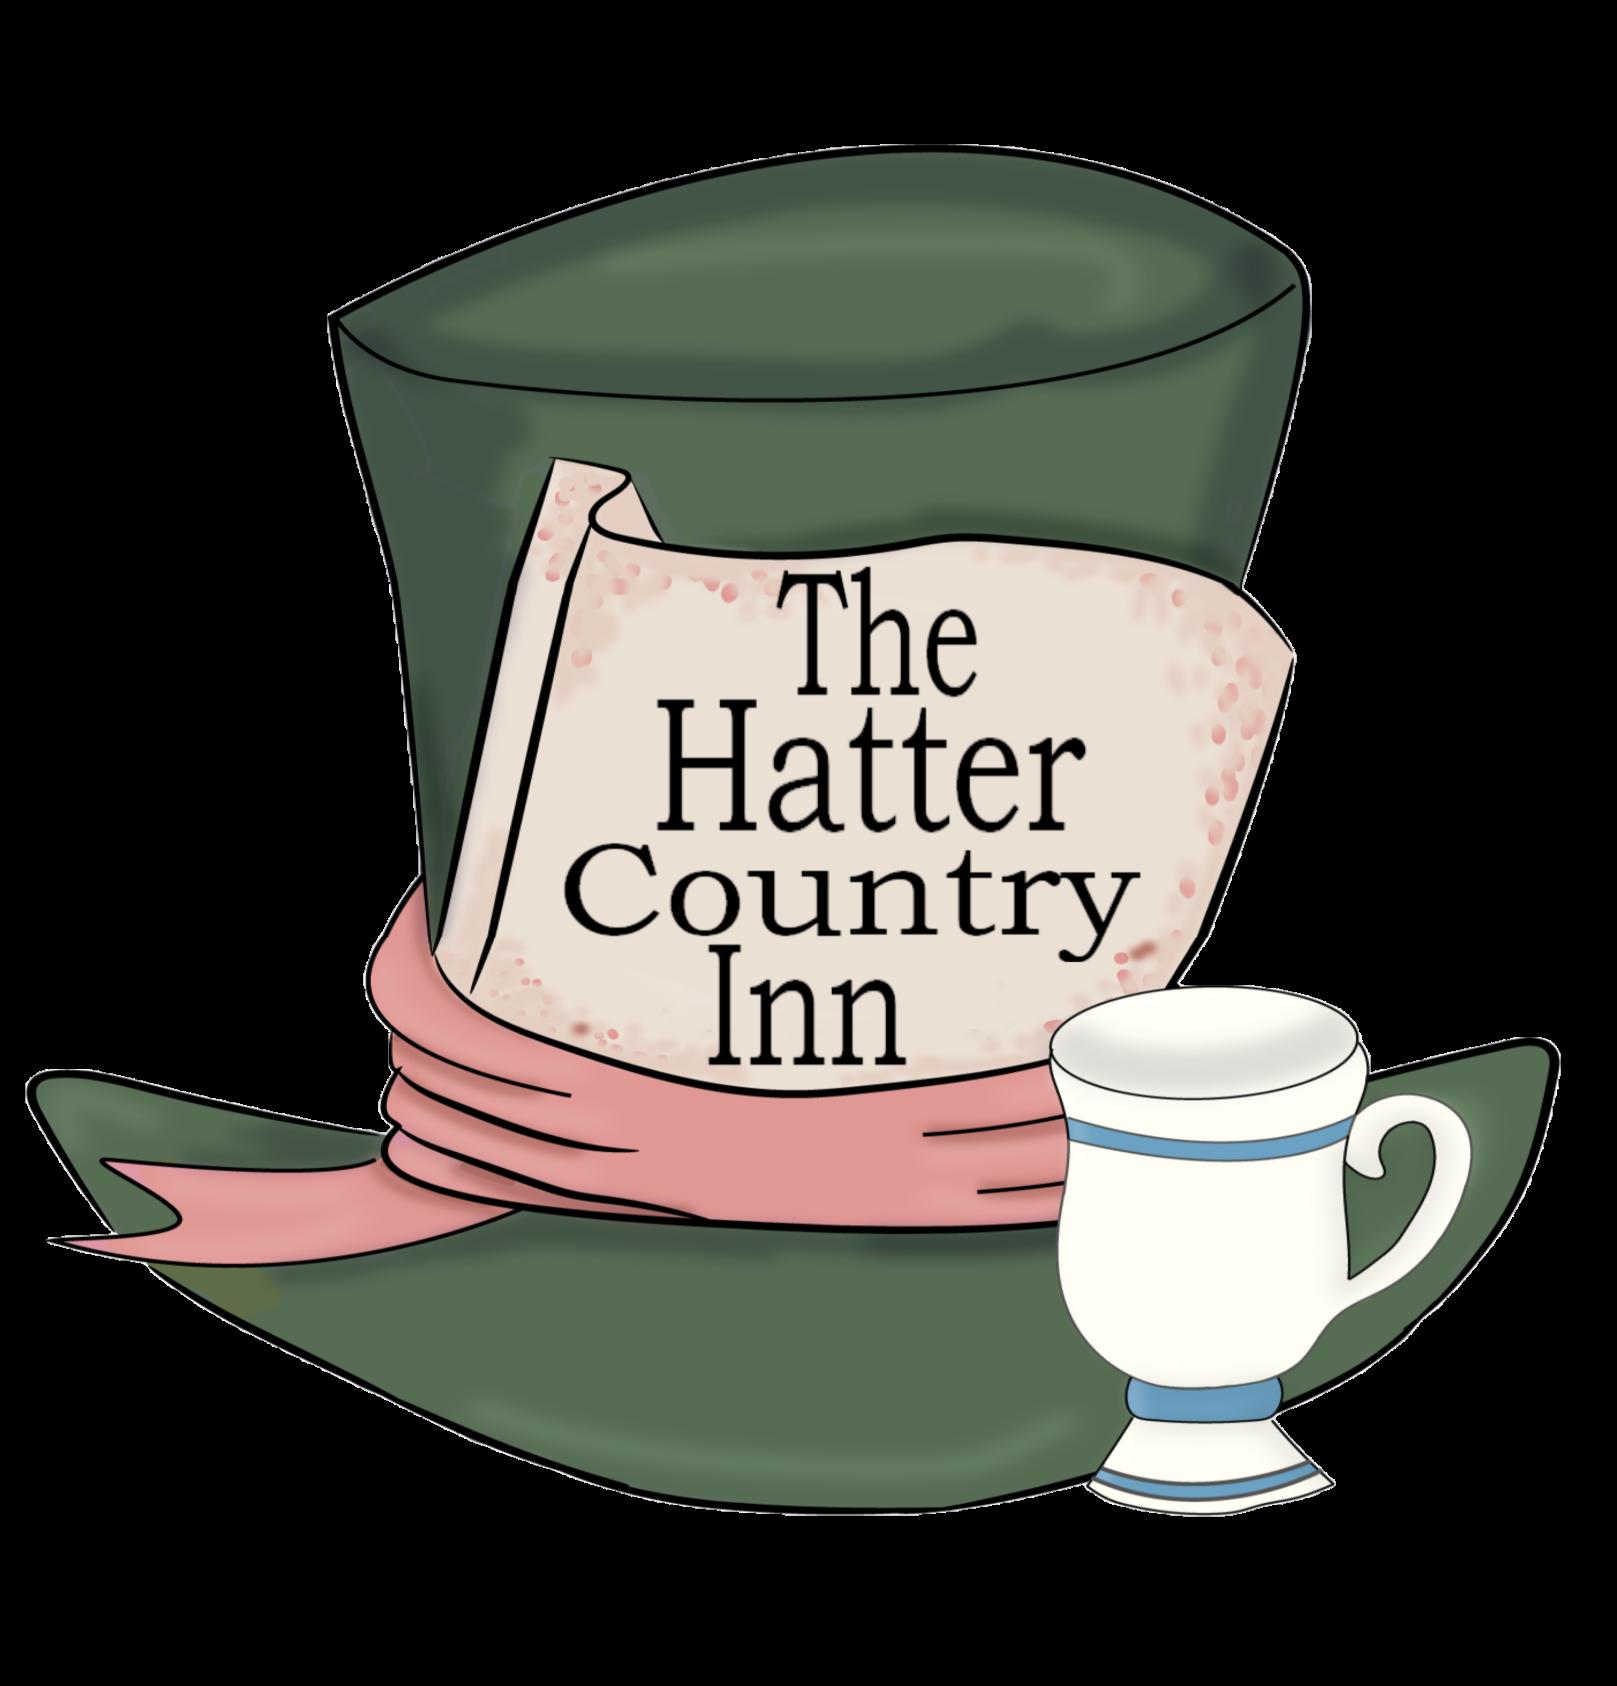 The Hatter Country Inn